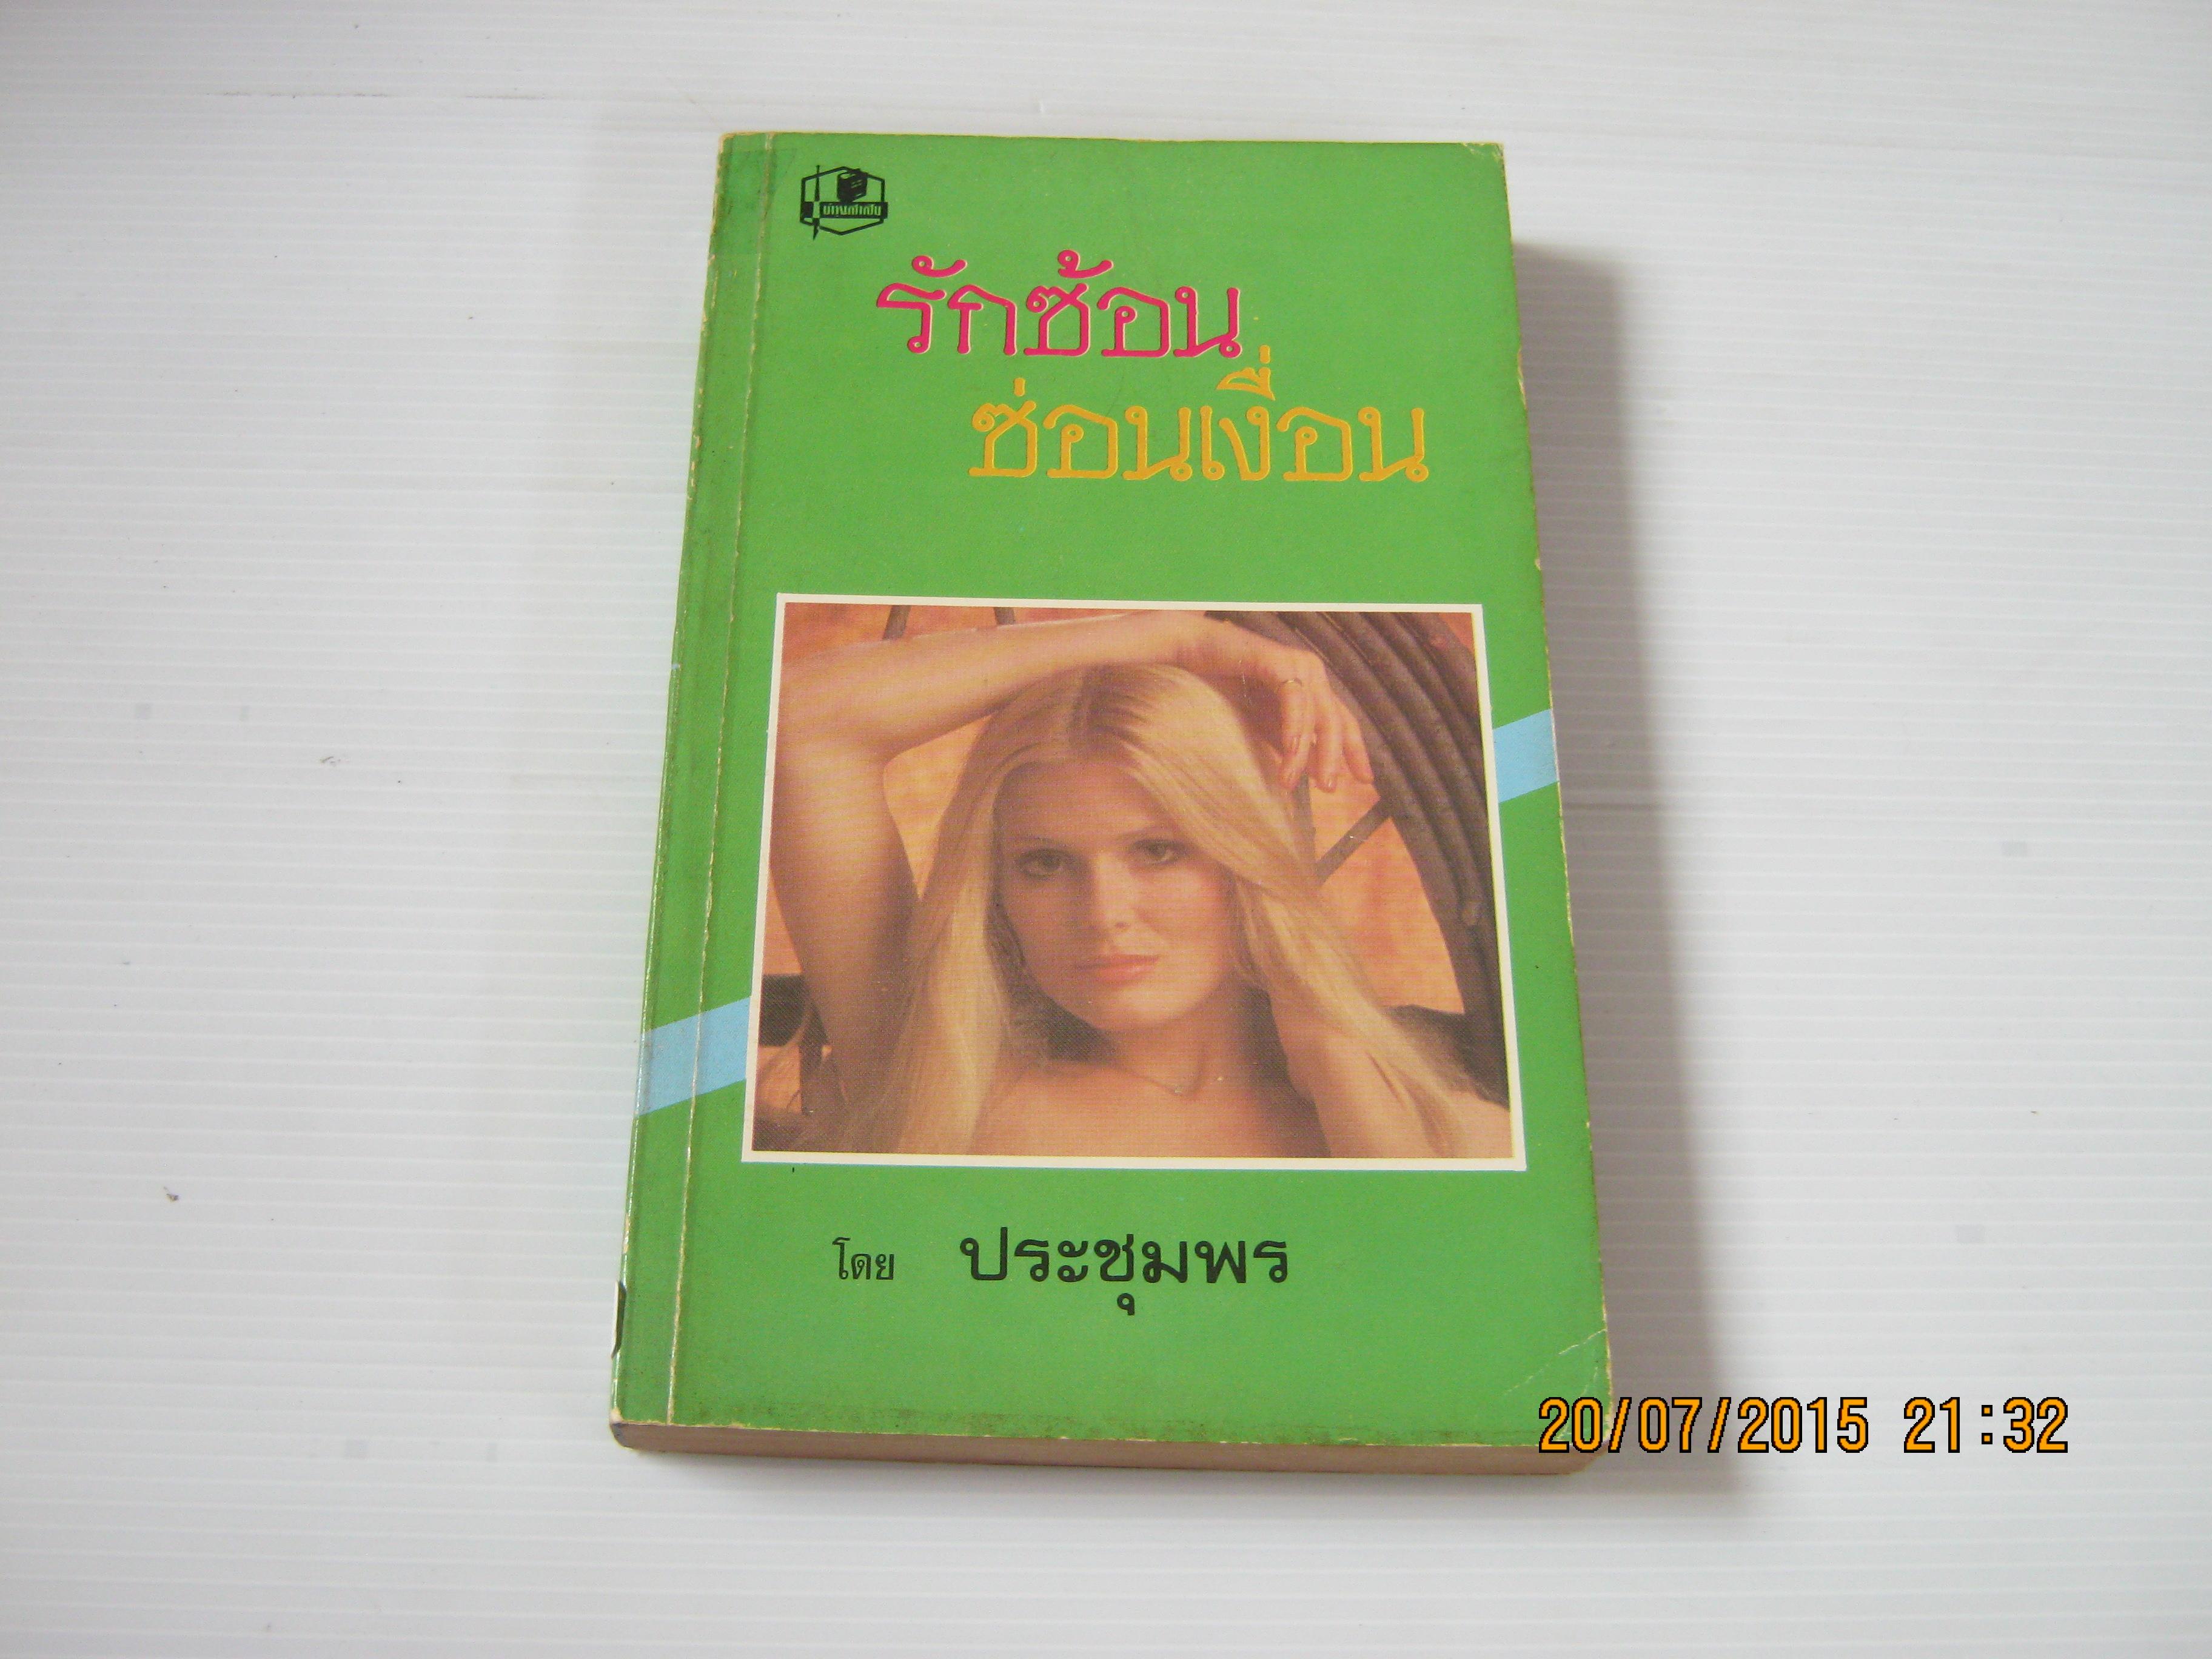 รักซ้อนซ่อนเงื่อน (Innocent Deception) Rachel Lindsay เขียน ประชุมพร แปล